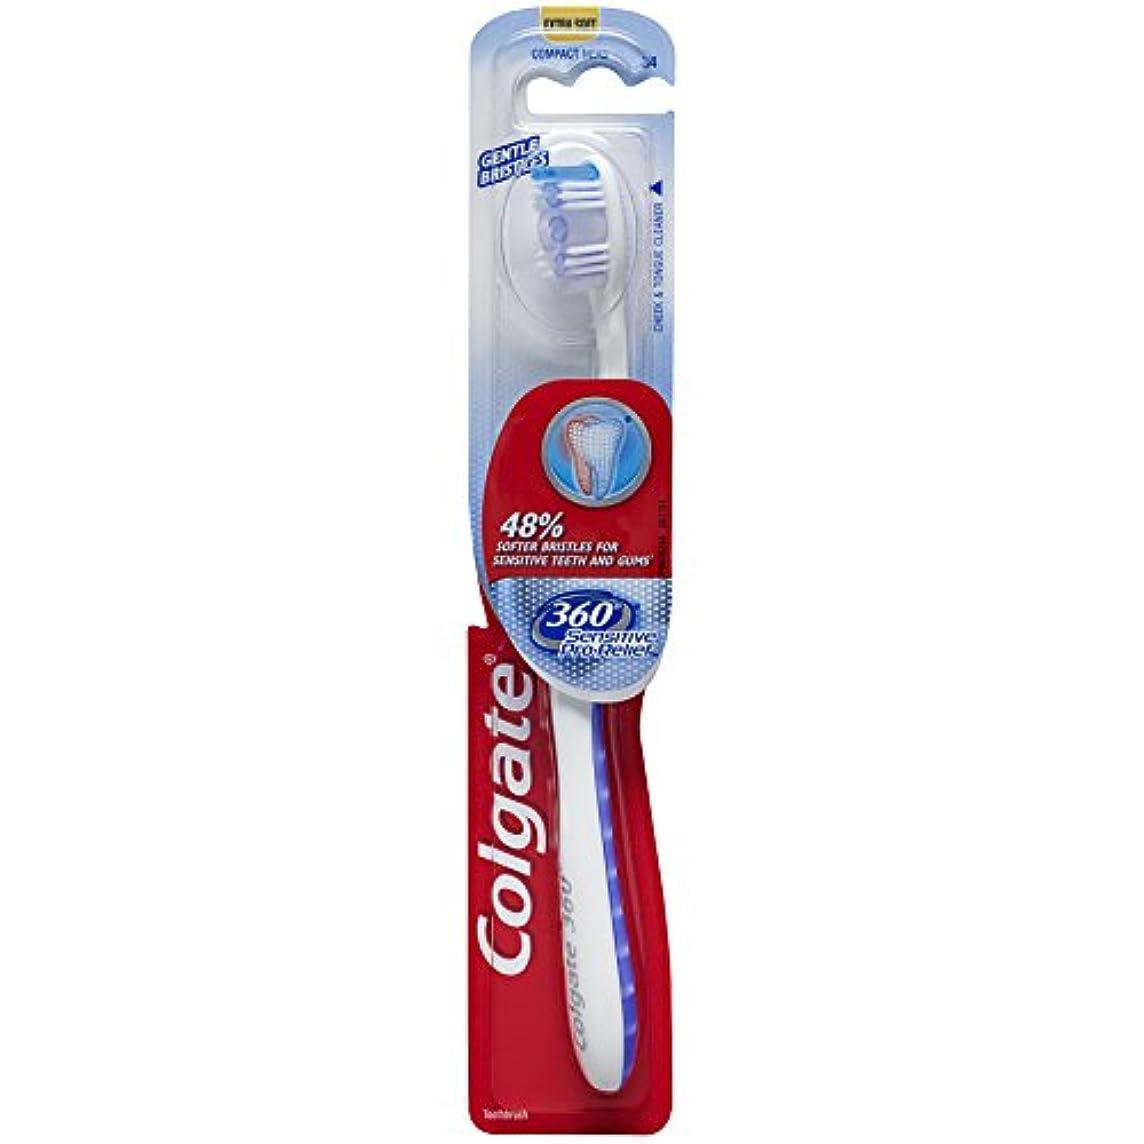 悲鳴慰め興奮Colgate 360機密性の高いプロの救済スリム歯ブラシ、エクストラソフト(色は異なります)